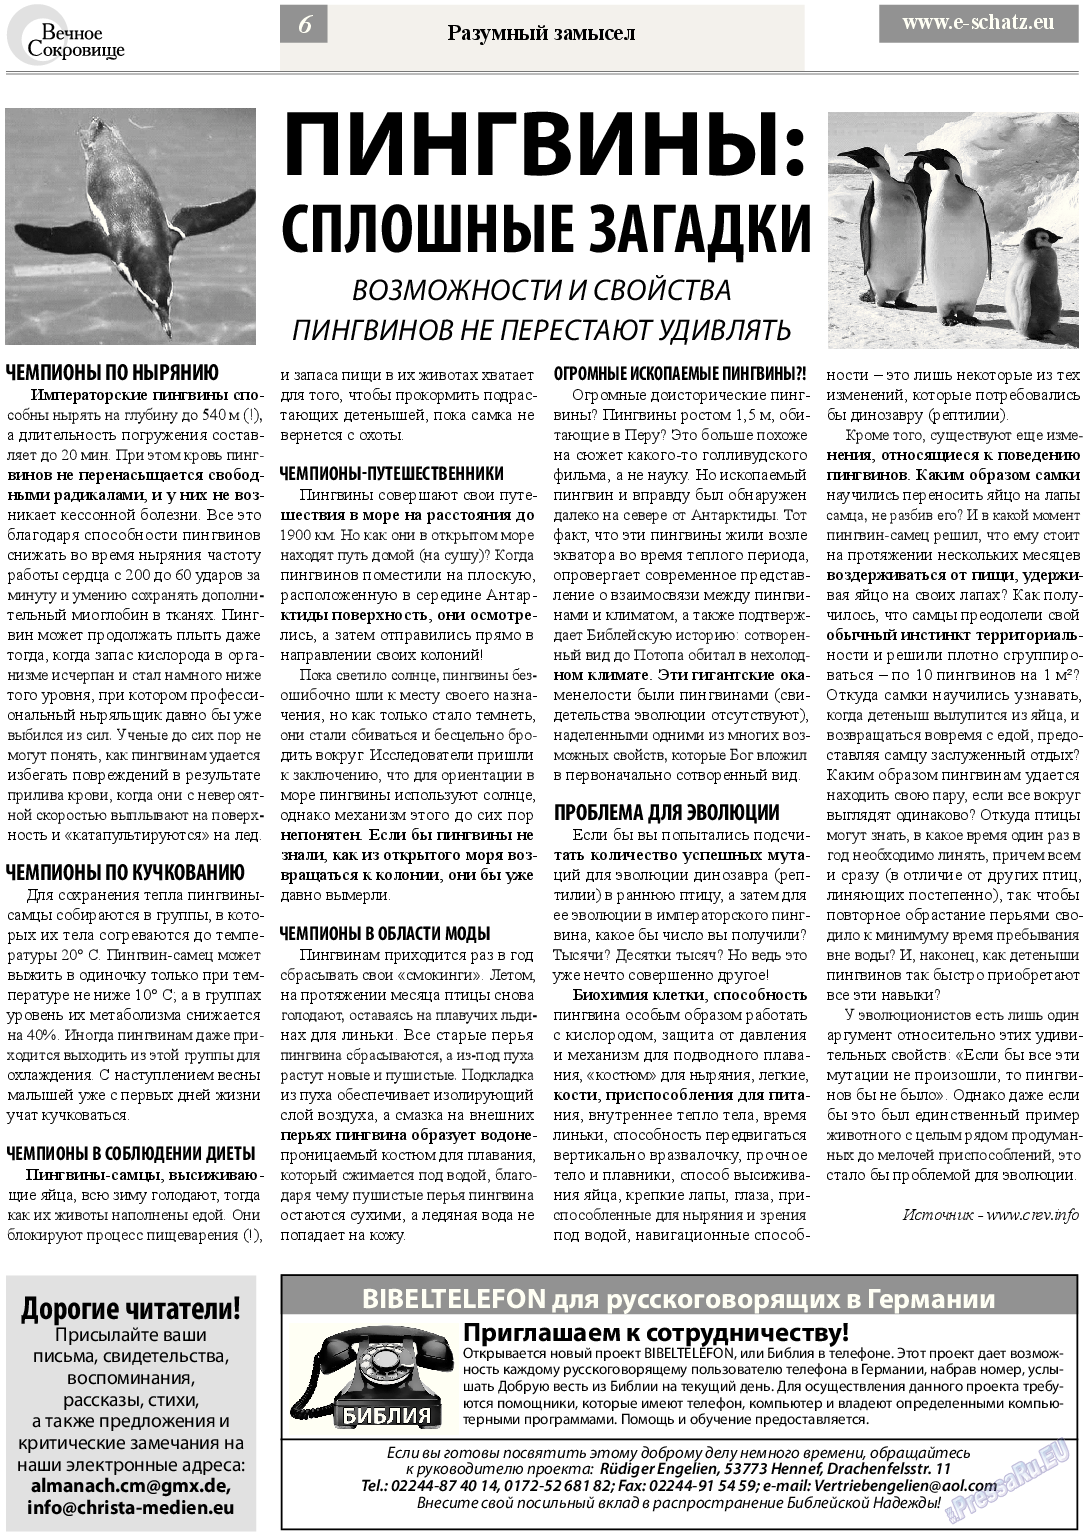 Вечное сокровище (газета). 2013 год, номер 4, стр. 6